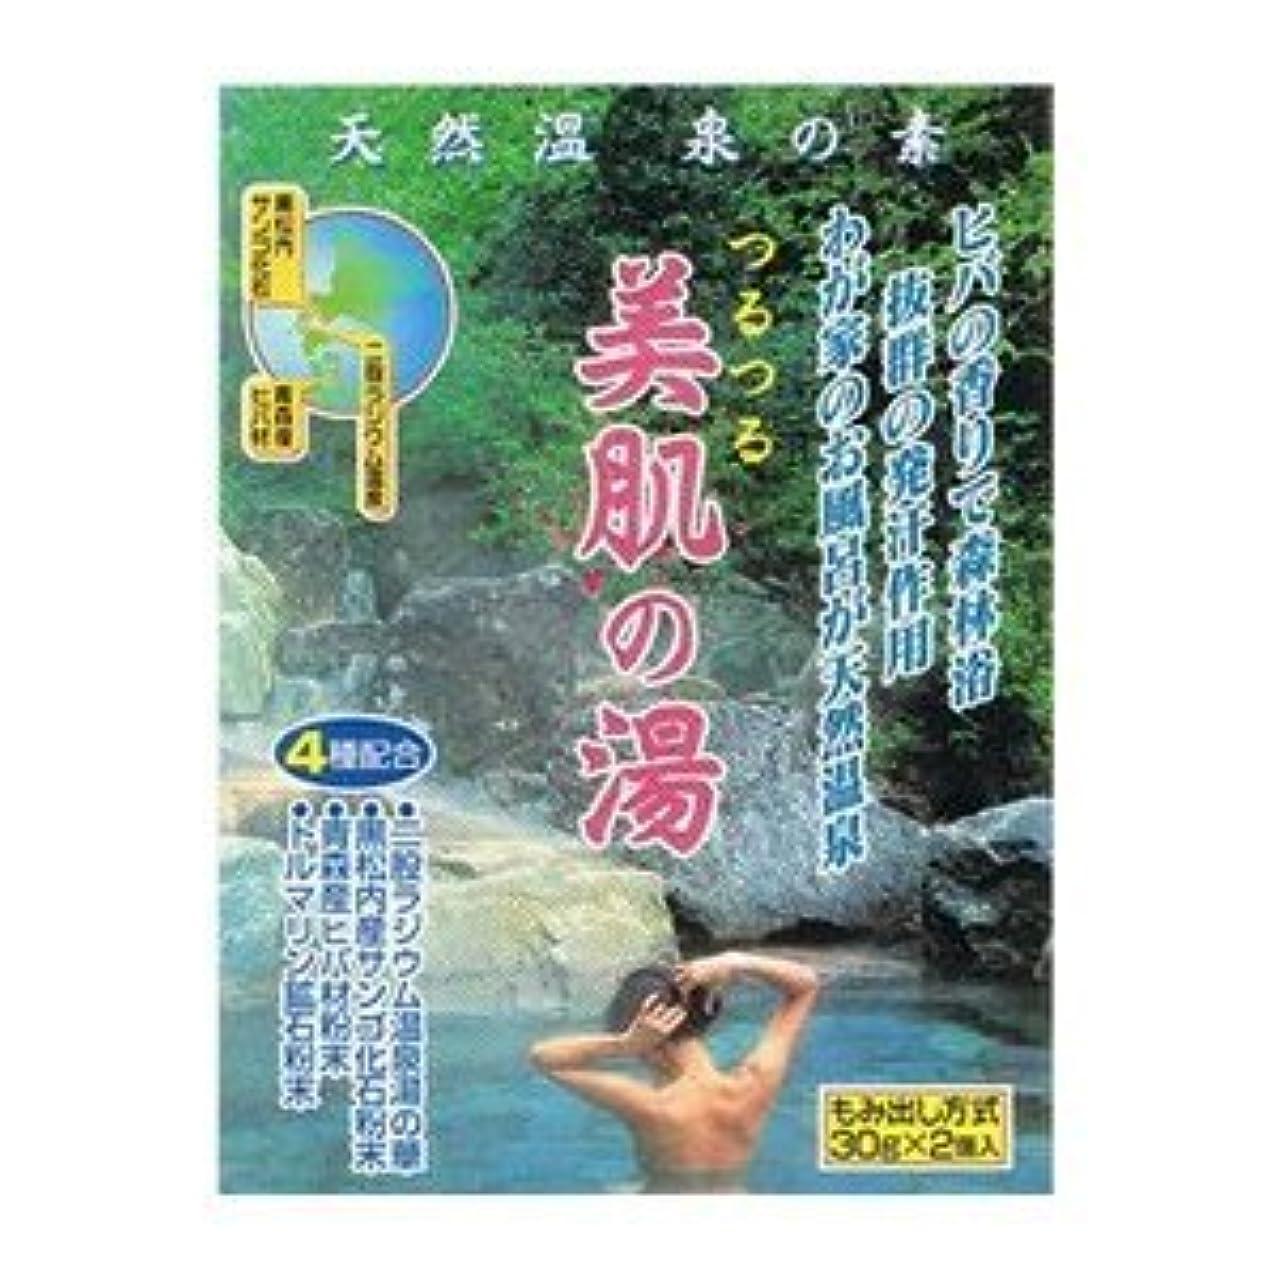 ピケ疑いインストラクター天然温泉の素 美肌の湯 (30g×2個入)×3袋セット